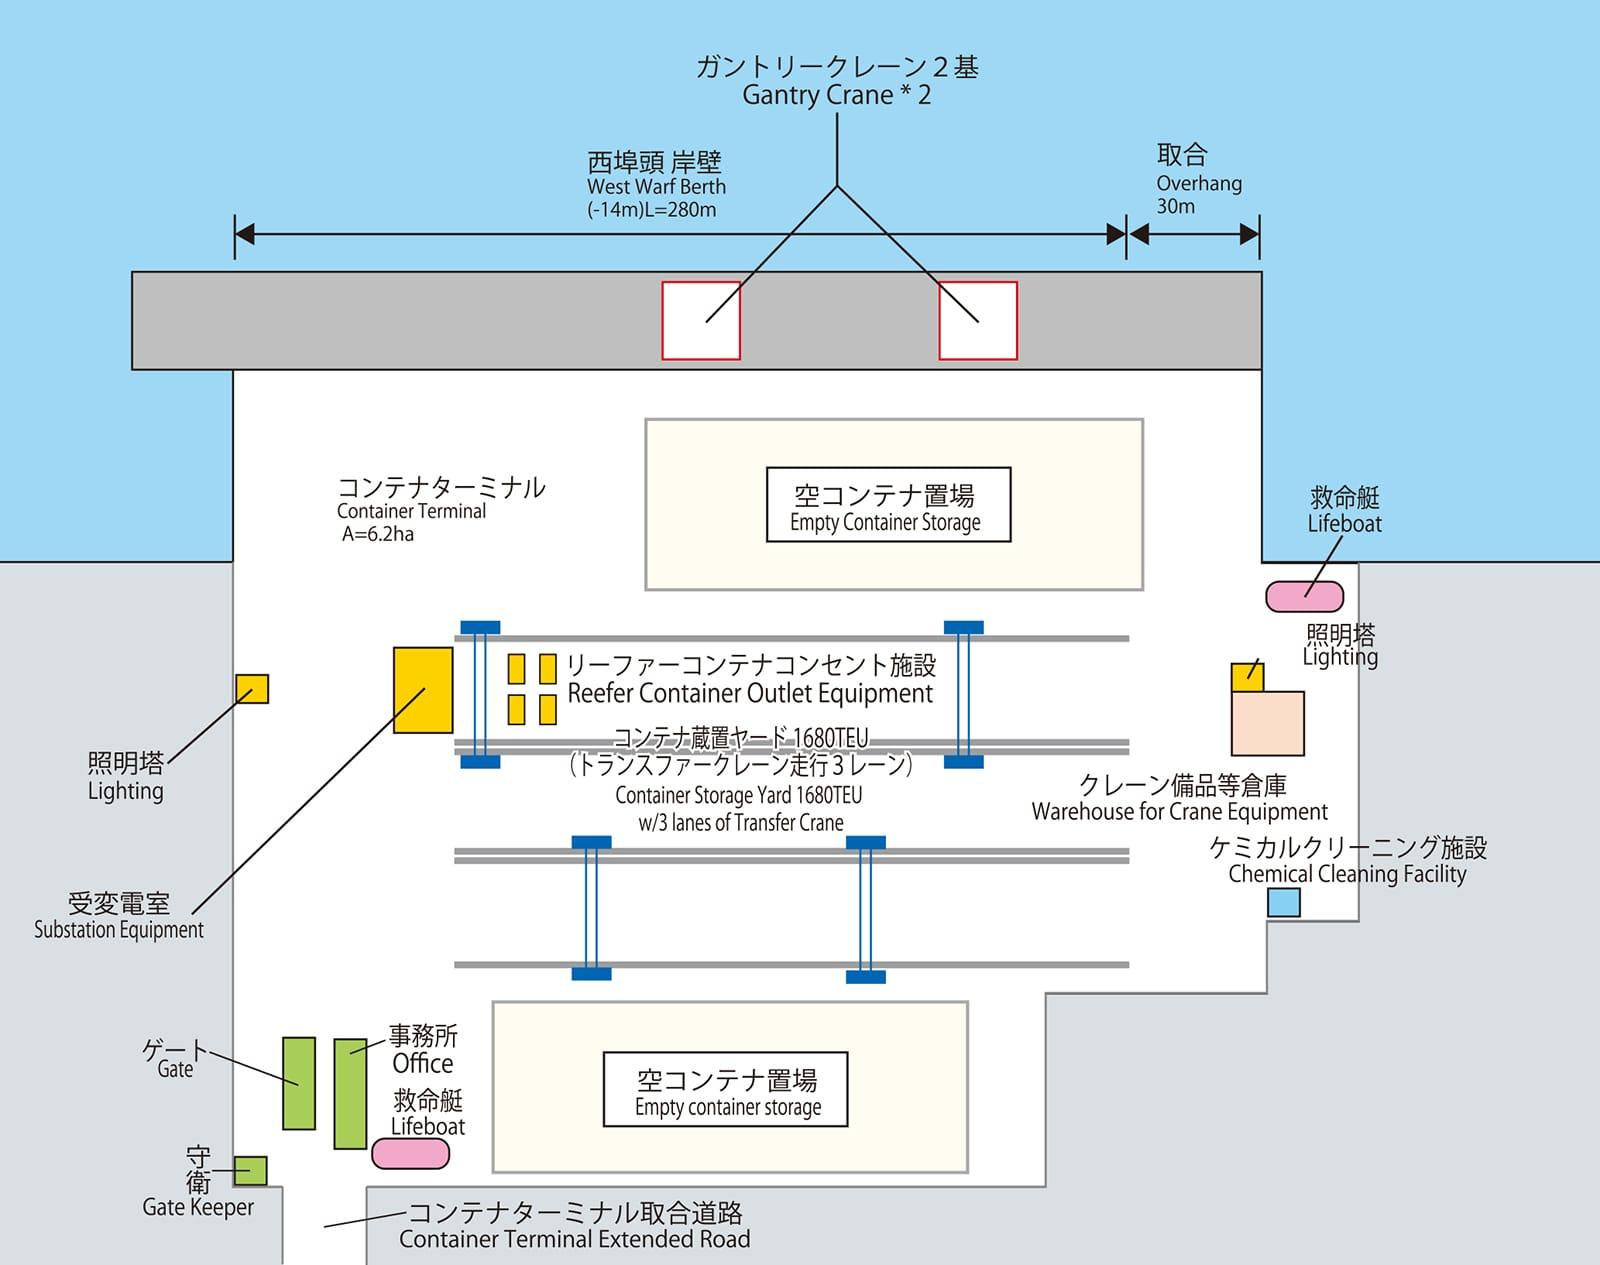 御前崎コンテナターミナル平面図